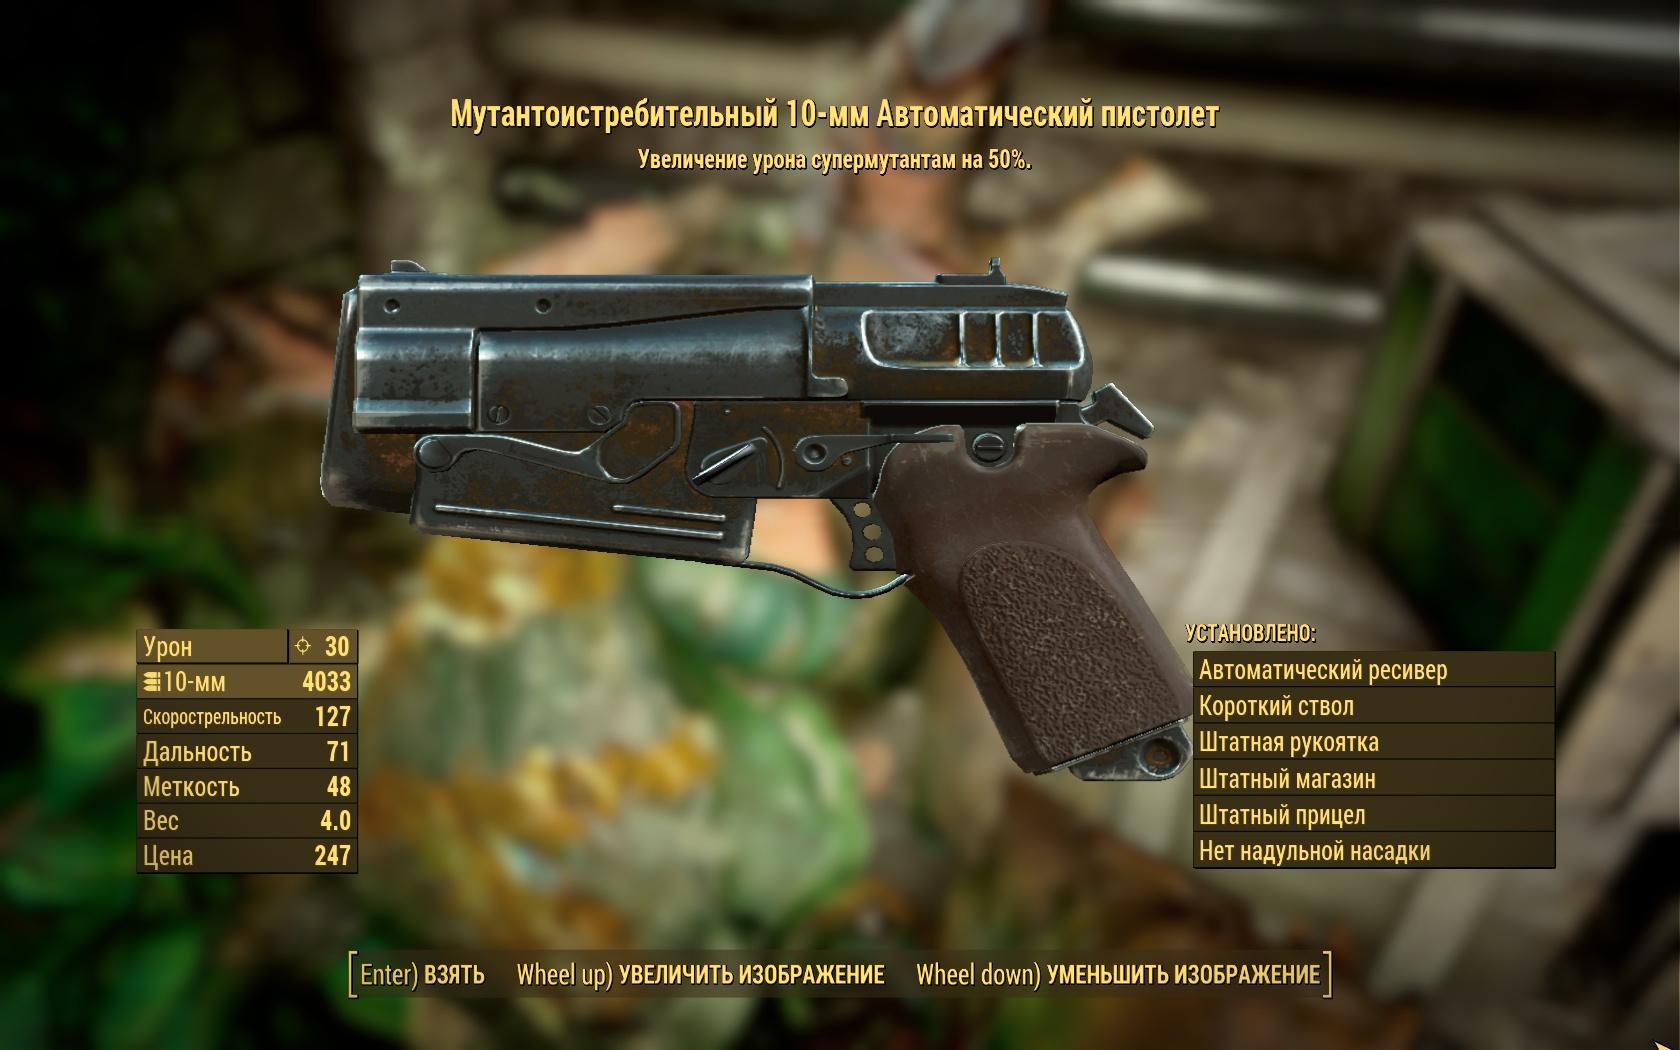 Мутантоистребительный 10-мм автоматический пистолет - Fallout 4 10-мм, автоматический, Мутантоистребительный, Оружие